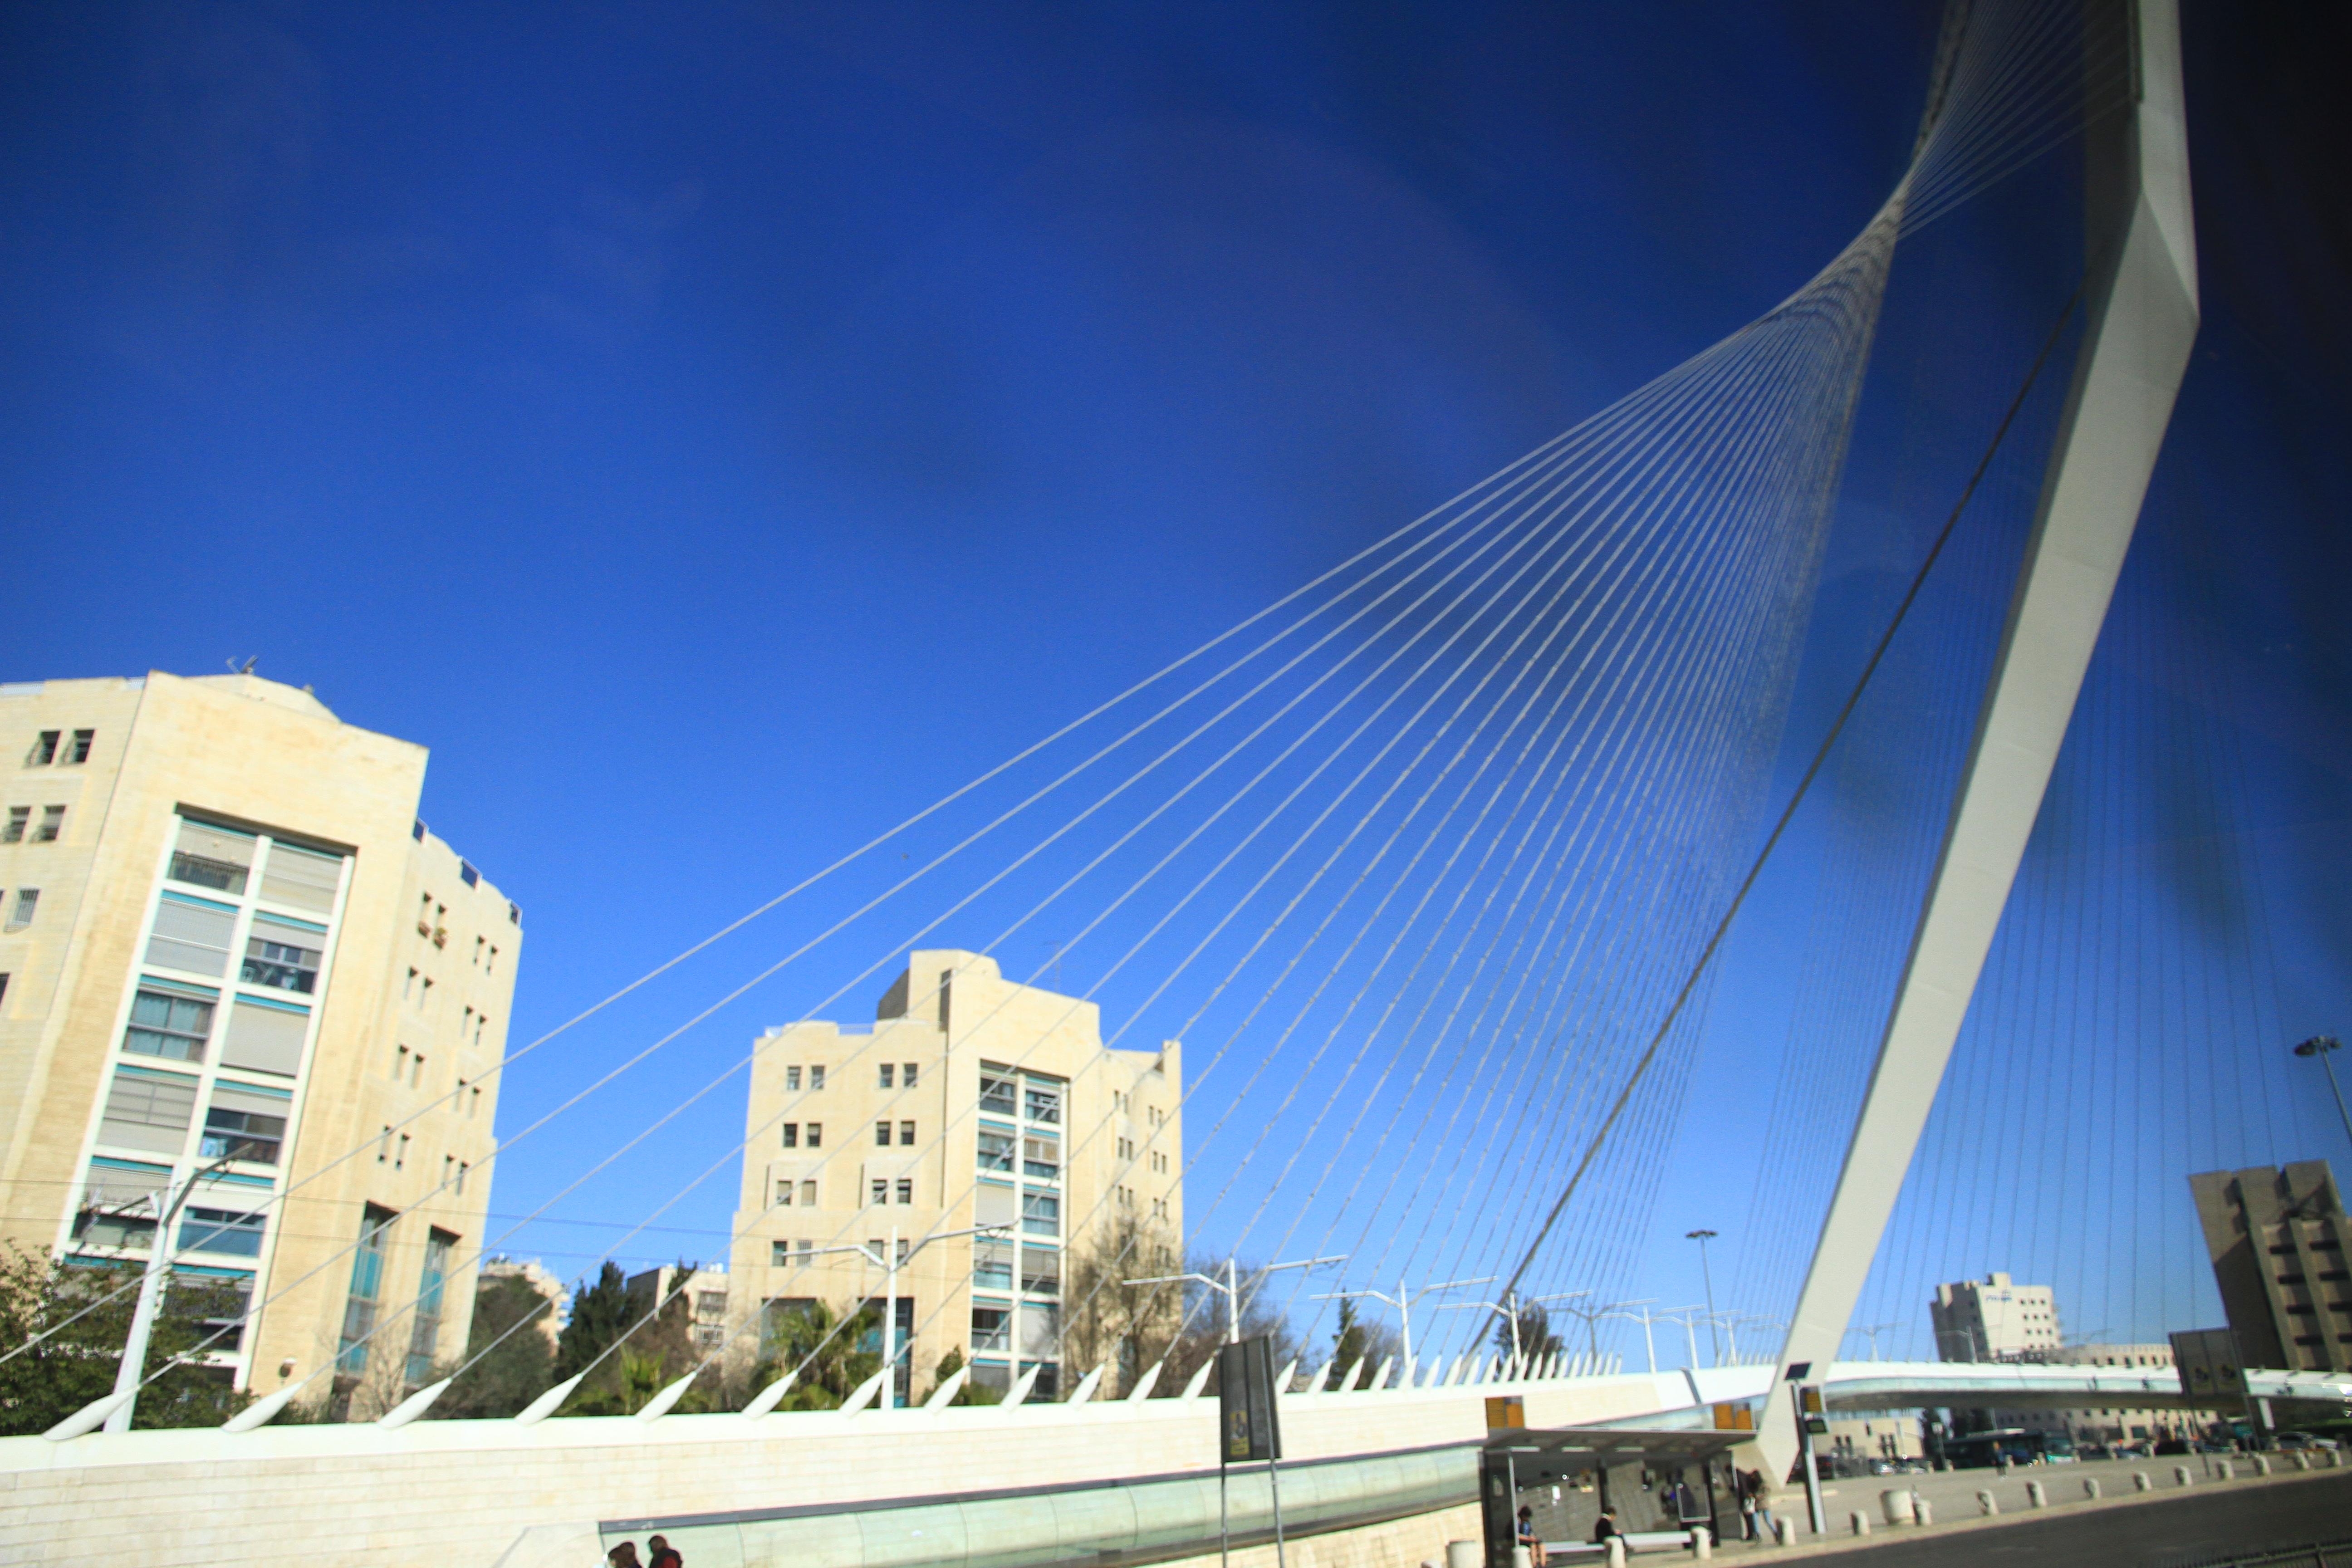 特拉维夫:轻轨竖琴斜拉桥(车拍)